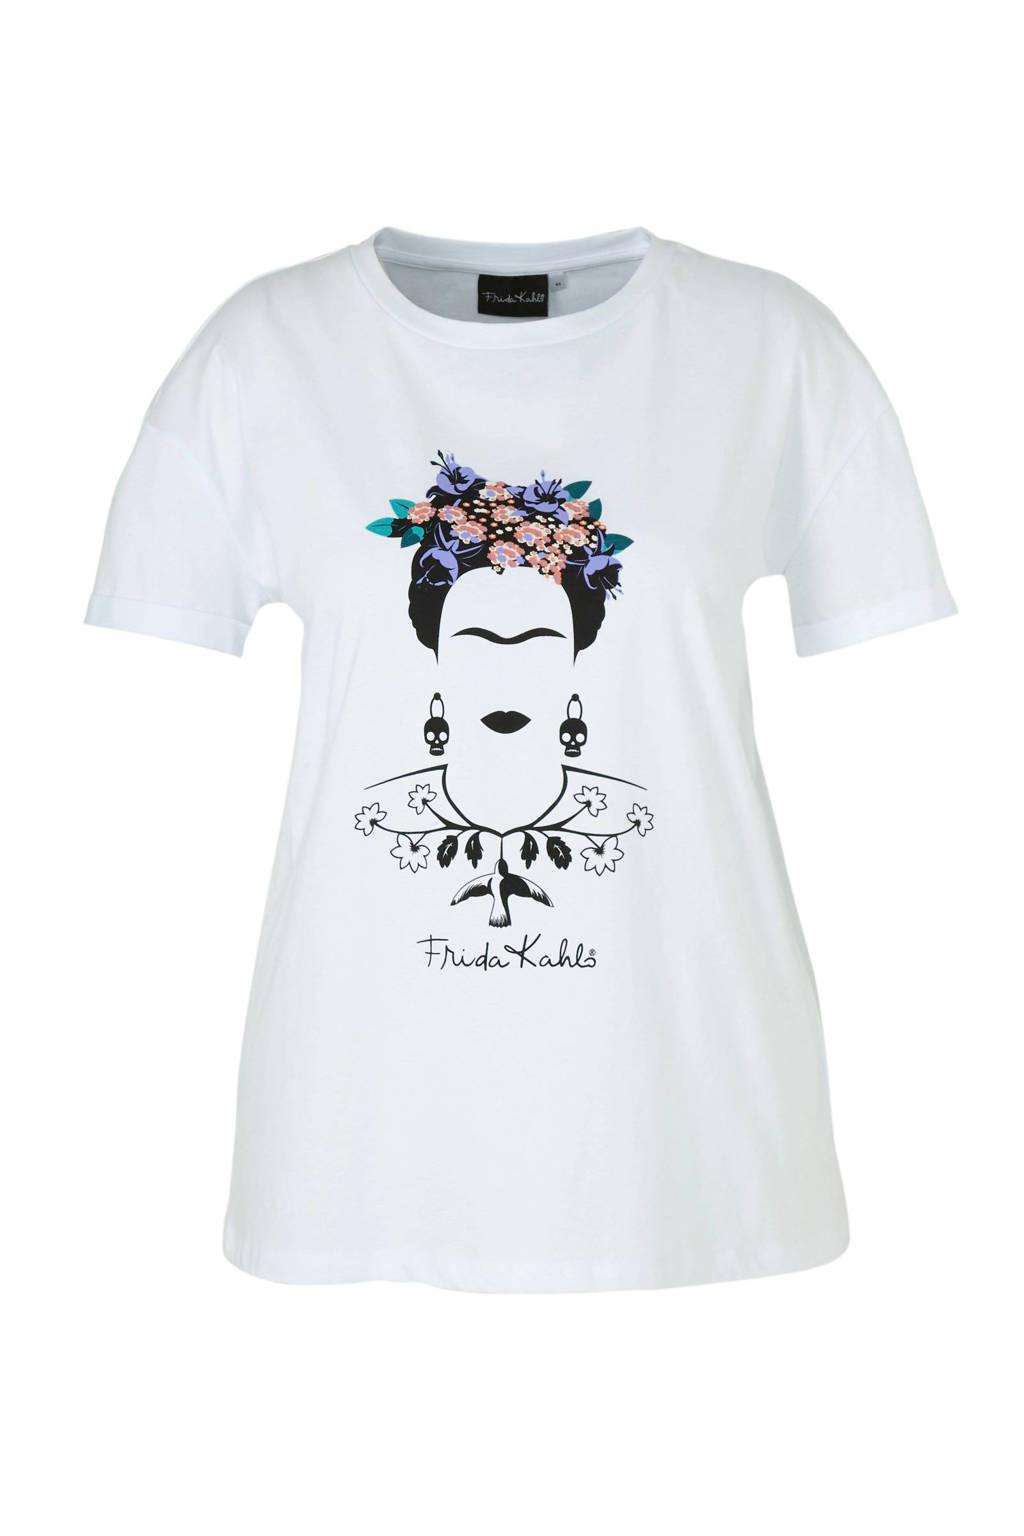 C&A XL Clockhouse T-shirt met printopdruk wit, Wit